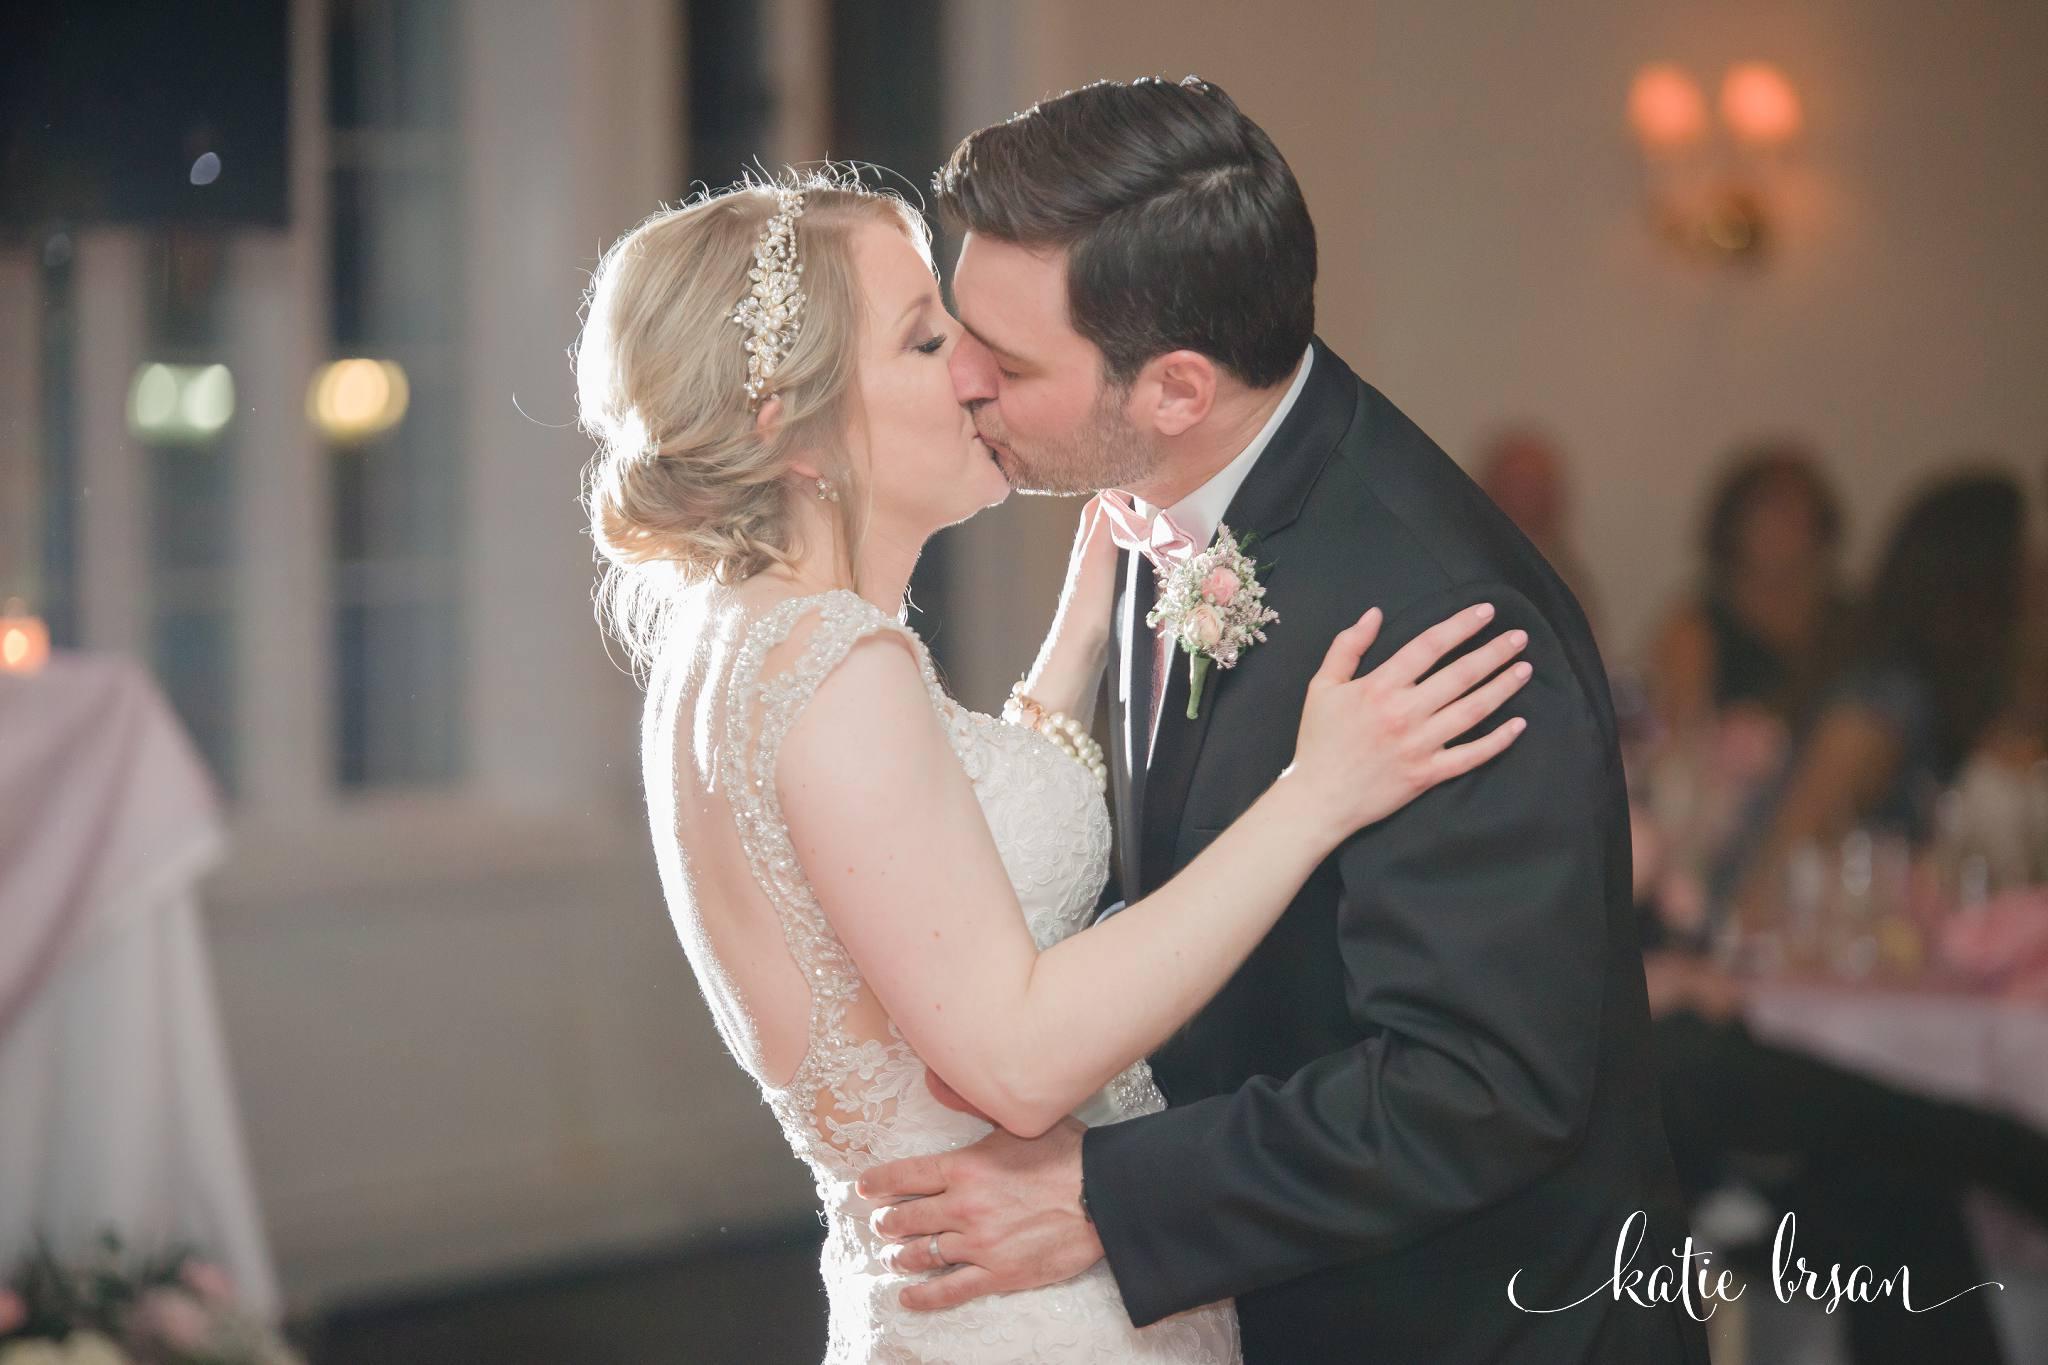 Mokena_Lemont_Wedding_Ruffled_Feathers_Wedding_1437.jpg